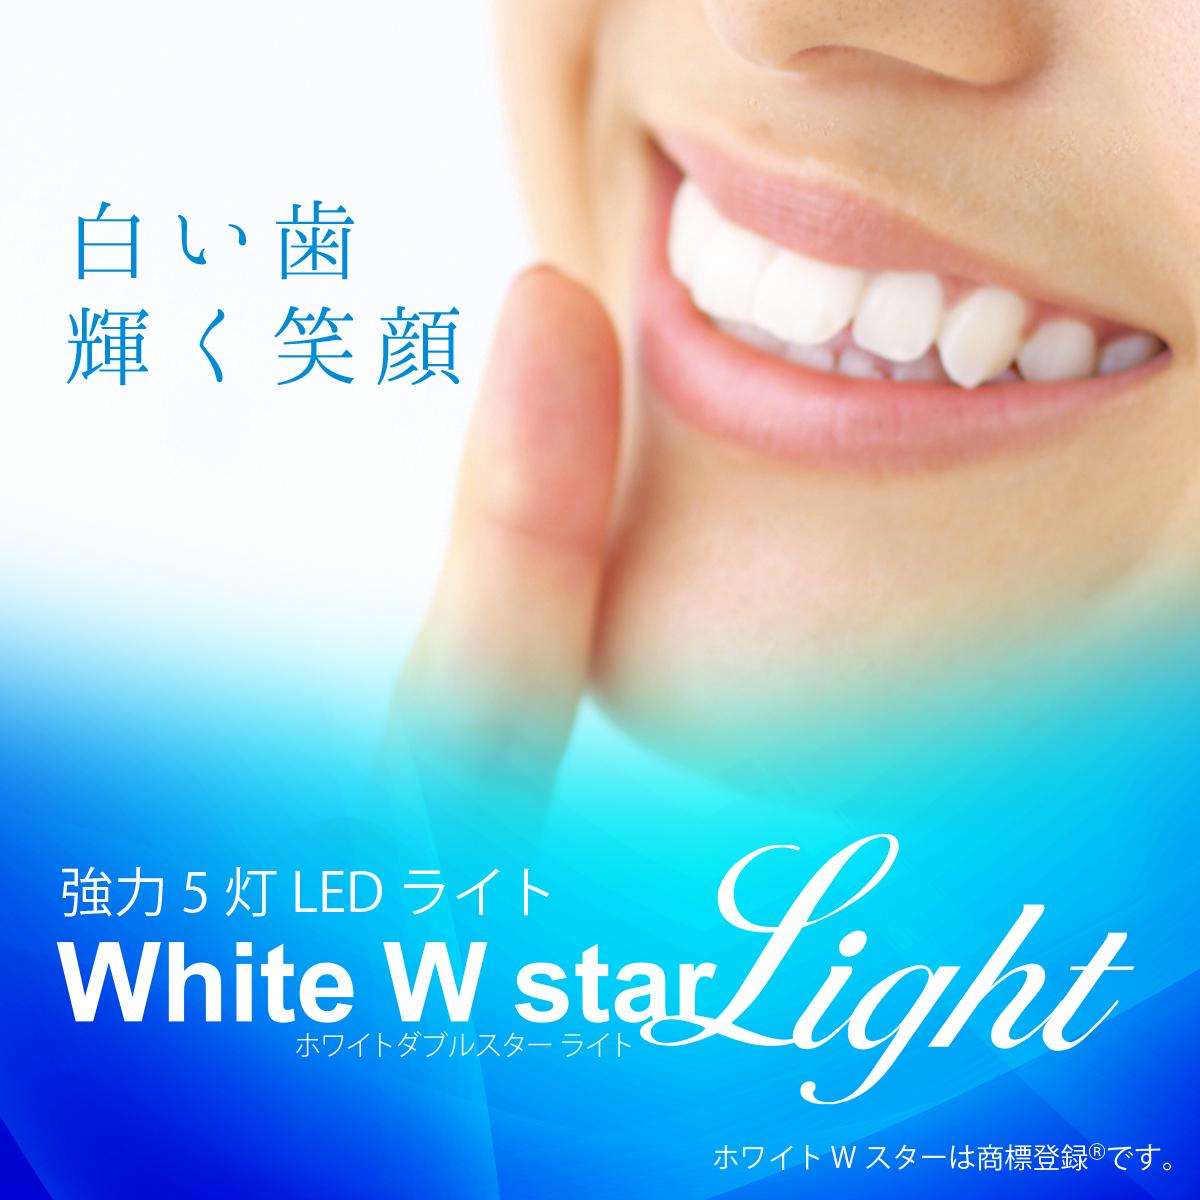 白さ輝く笑顔